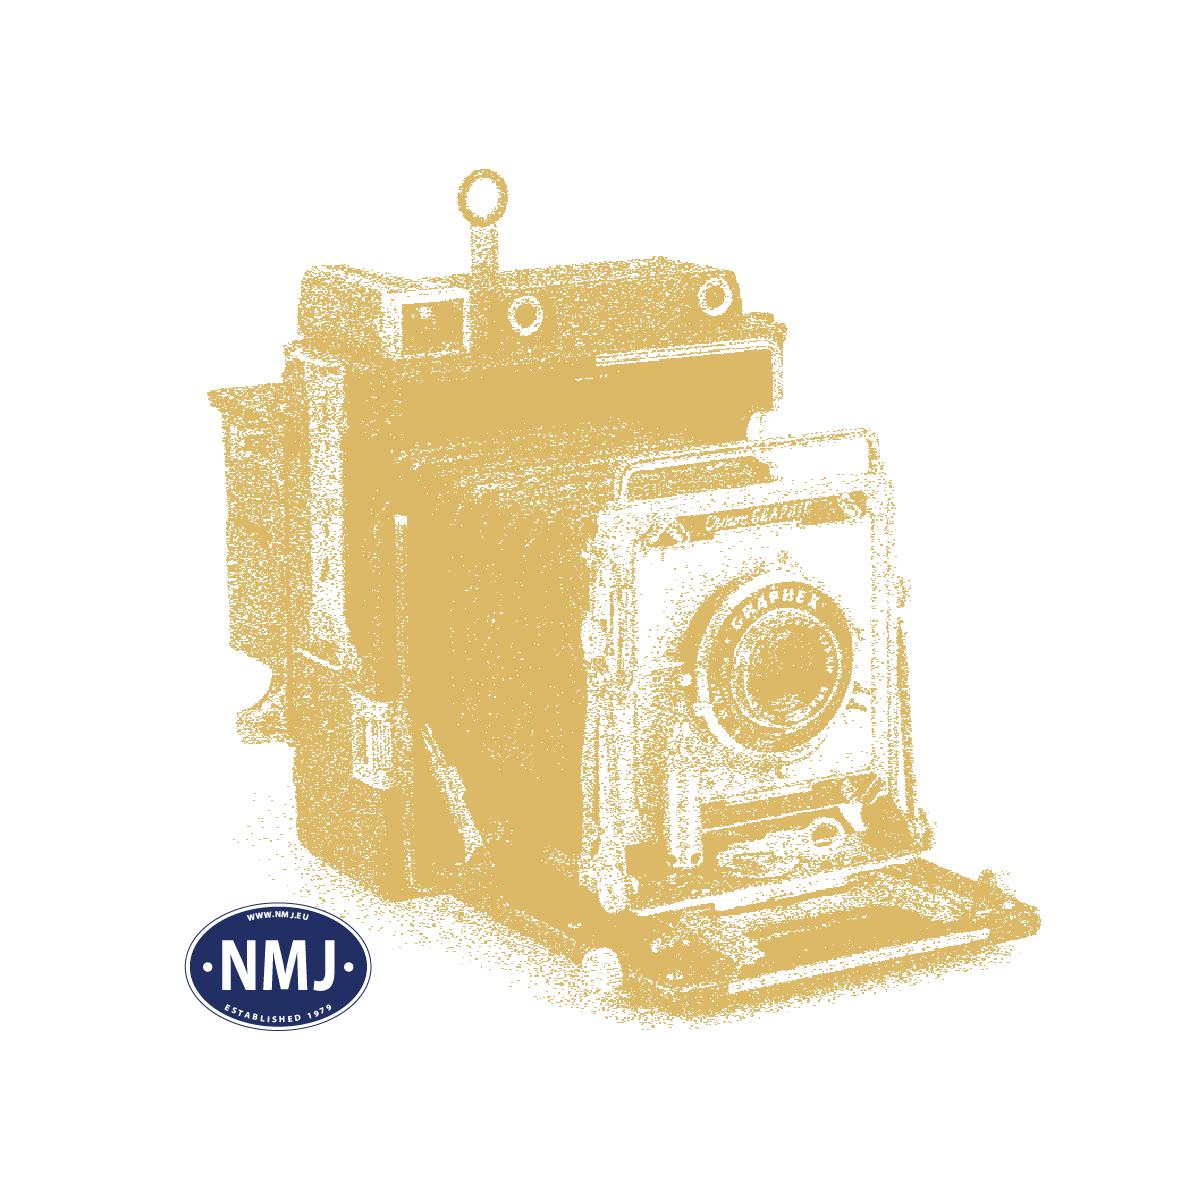 NMJ0TL3-1 - NMJ Superline Modell des Rungenwagens Tl3 4893 der NSB, Spur 0